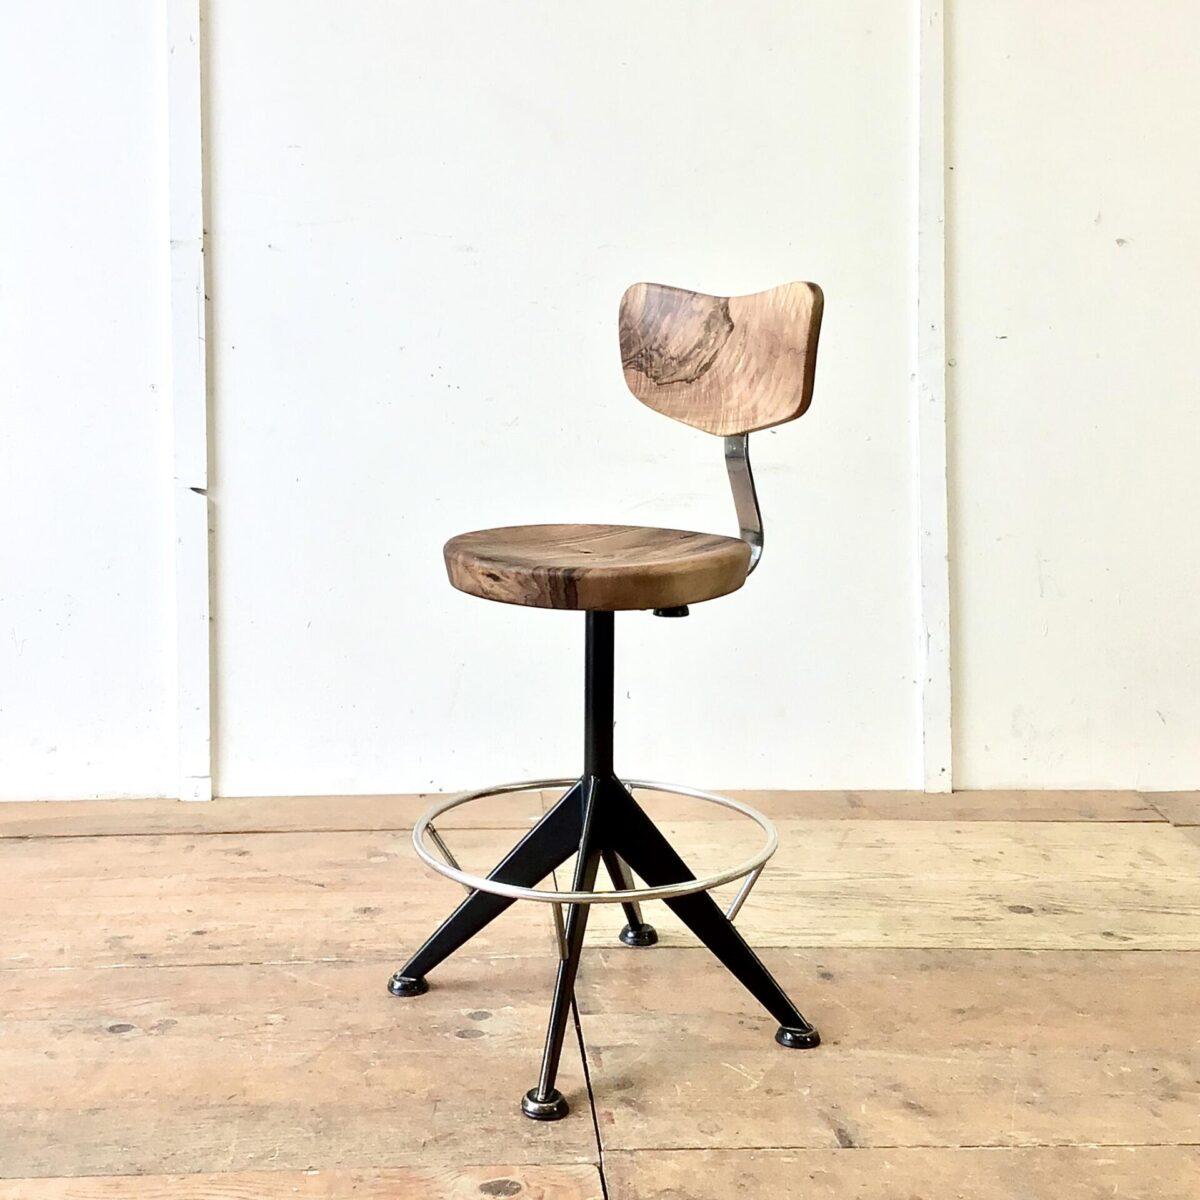 Deuxieme.shop Vintage Barhocker höhenverstellbar von 55.5cm bis 73cm. Durchmesser der Sitzfläche 36.5cm. Dieser Drehstuhl kam ohne brauchbare Sitzfläche und Lehne zu uns. Wir haben, in aufwändiger Handarbeit, eine neue Lehne und Sitzfläche geschnitzt. Aus Nussbaum Vollholz, die Holzoberfläche ist mit Naturöl behandelt. Der Metall Unterbau ist schwarz lackiert und erinnert bisschen an Jean Prouvé von der formensprache. Die Optisch fast schwebende Fussstütze ist verchromt.